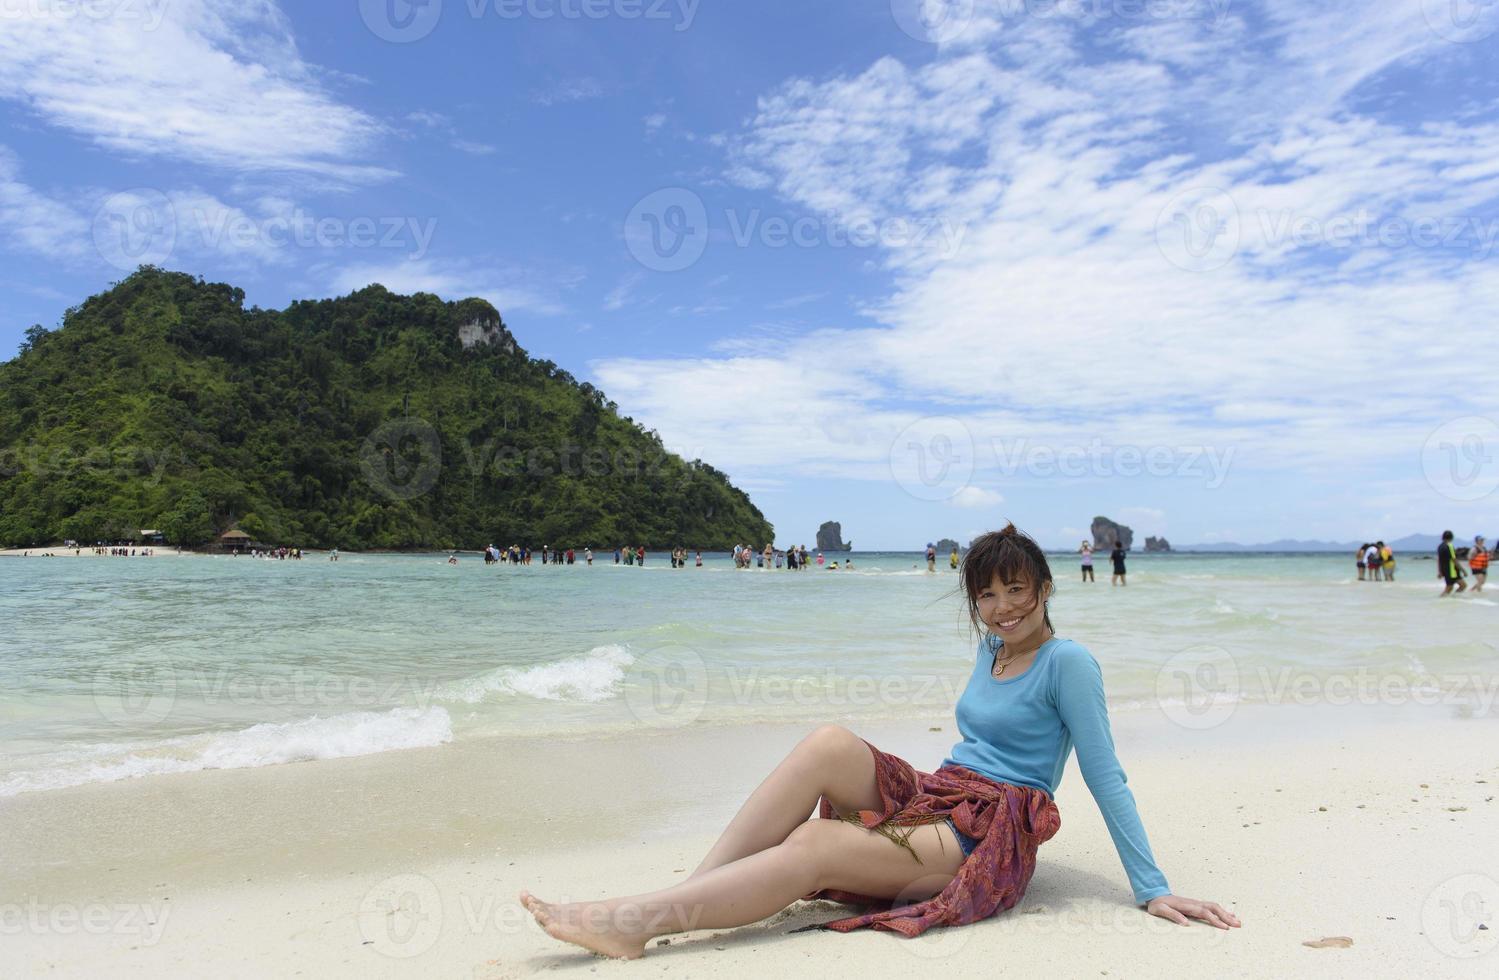 les femmes aiment jouer au sable sur la plage photo